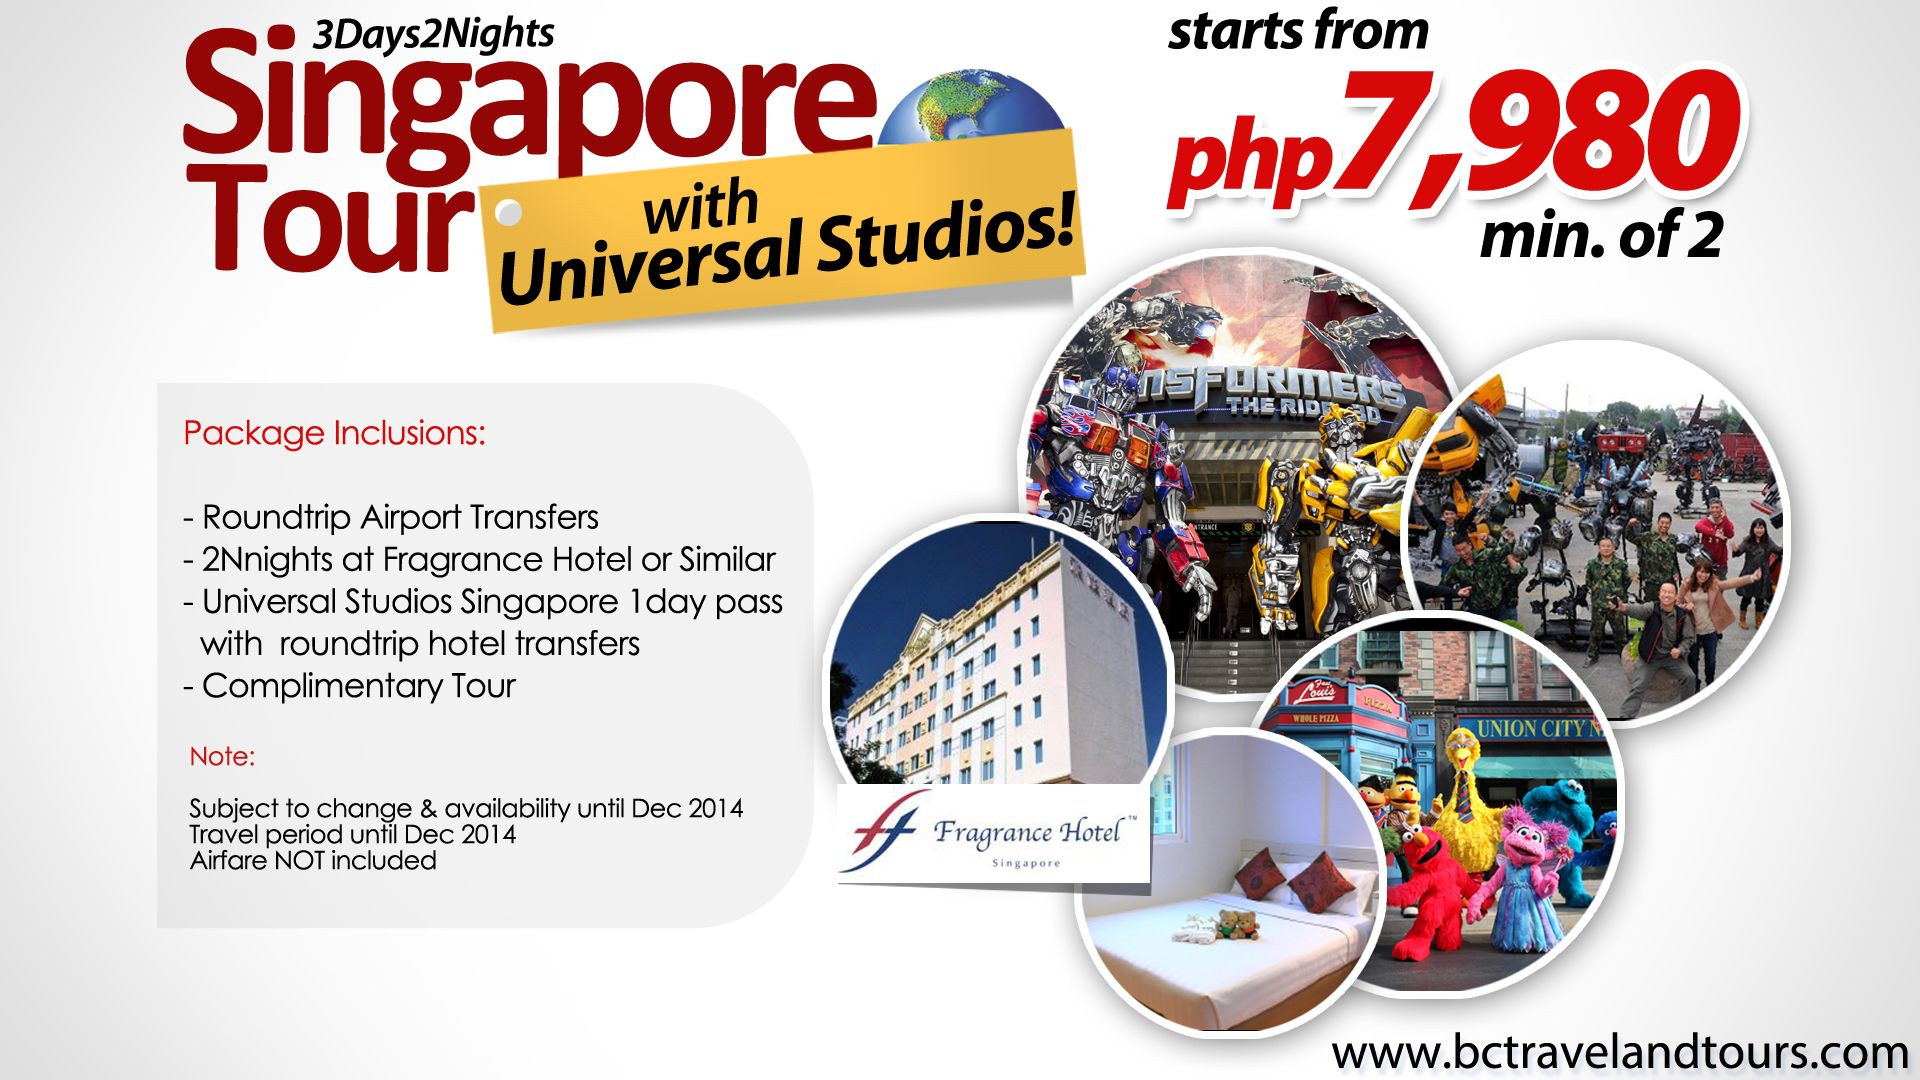 Singapore Universal Studios Singapore Singapore Tour Merlion Travel Promos Singapore Tour Universal Studios Singapore